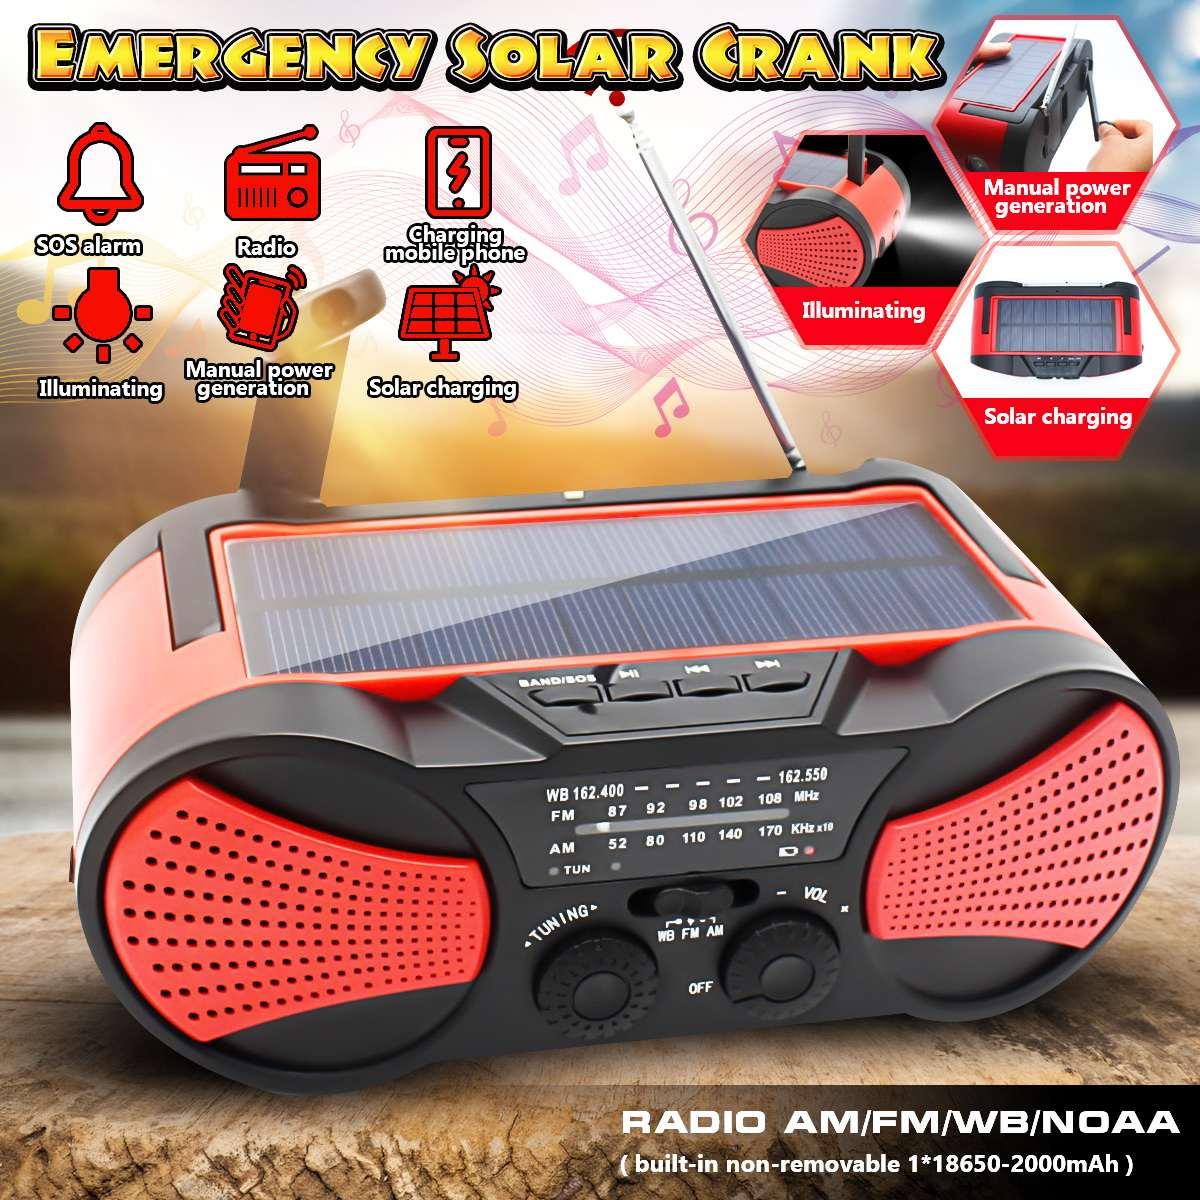 Puissance Ban énergie solaire WB manivelle d'urgence k manivelle auto-alimenté AM/FM météo Portable Radio 2000 mAh Rechargeable